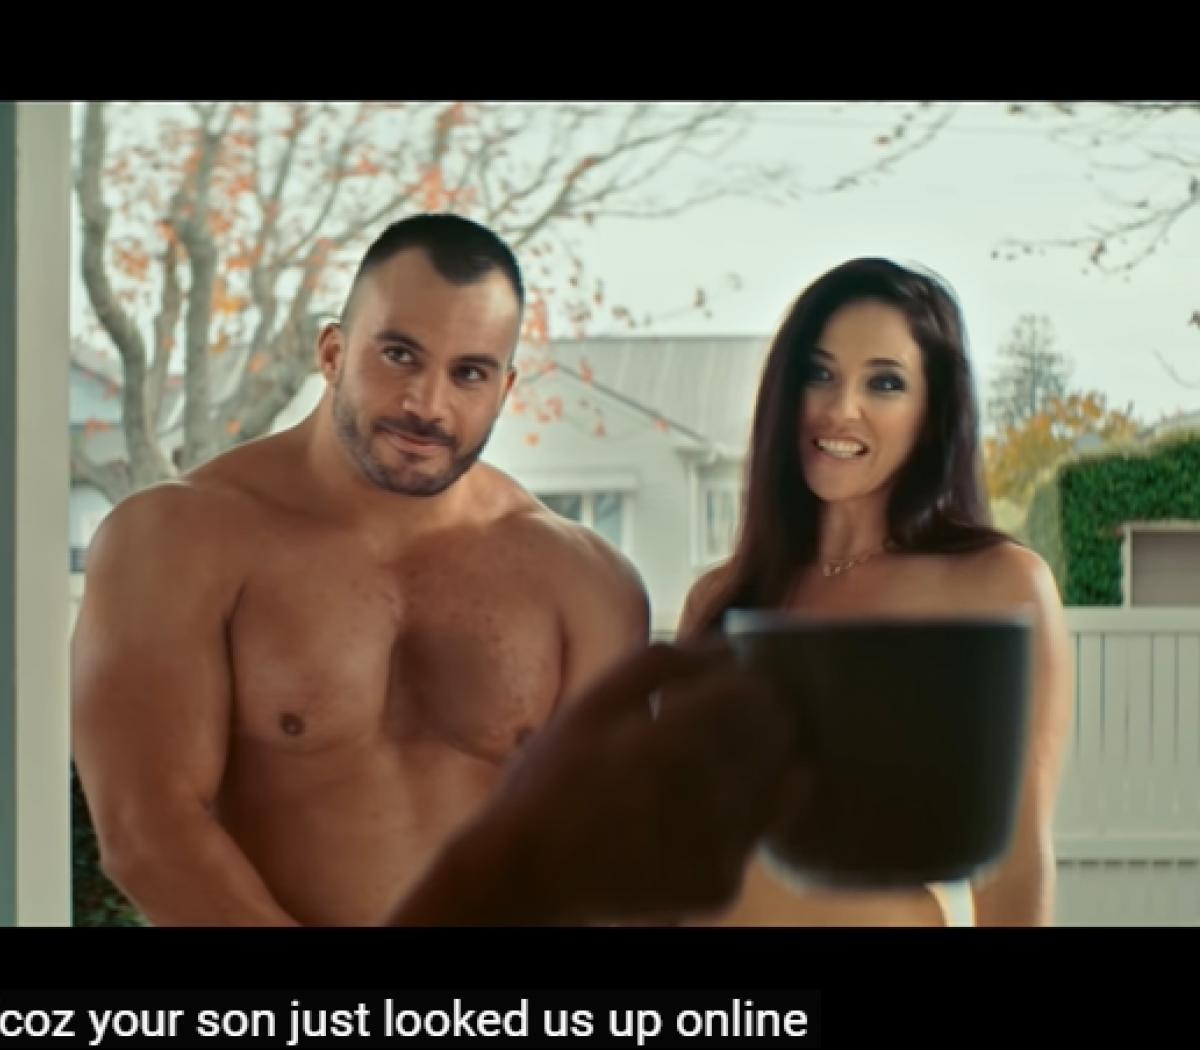 Acoso En Carceles Porno los riesgos de la pornografía, según una campaña de